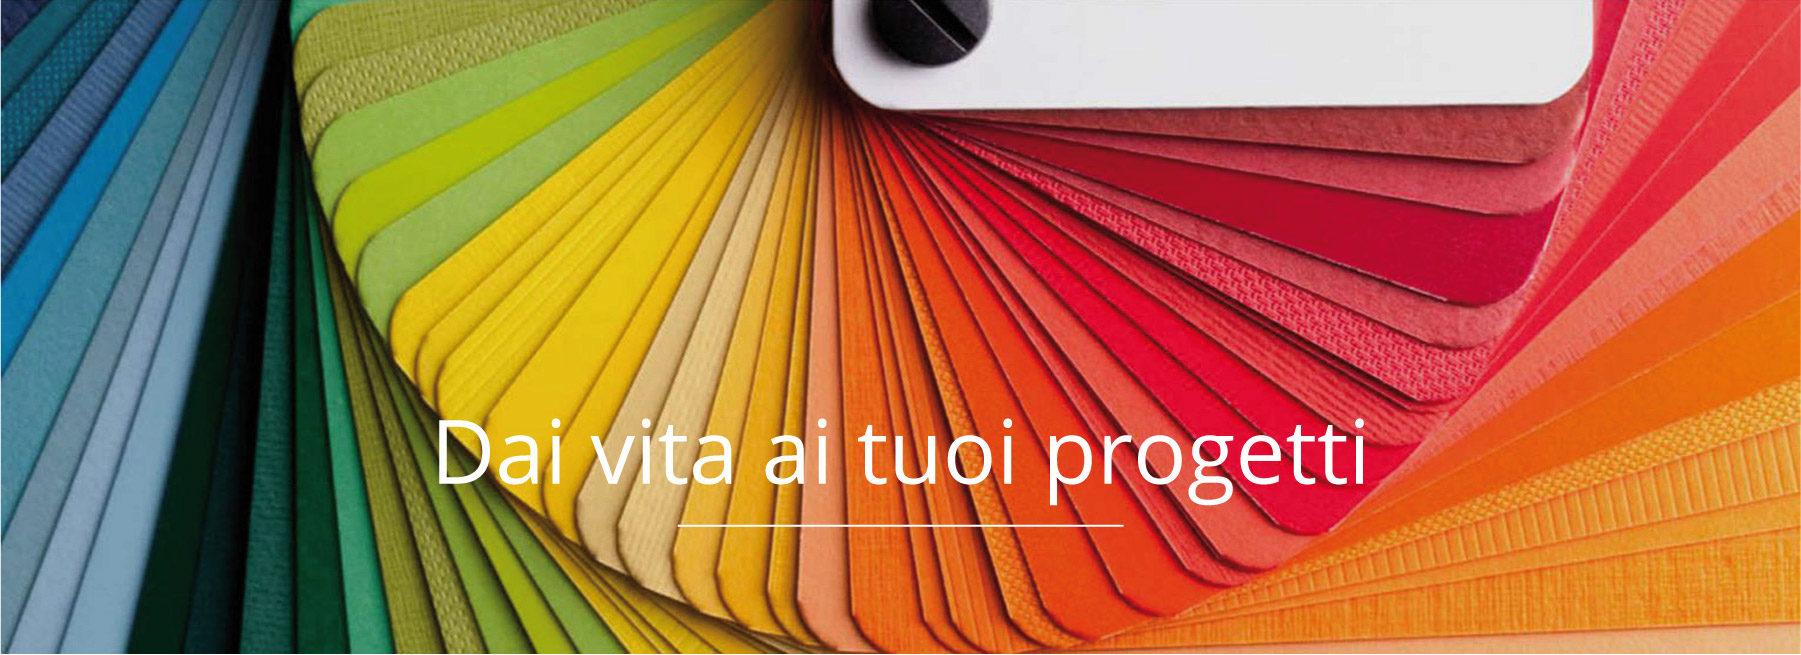 Cartelle colori - Micropress srl Fermo